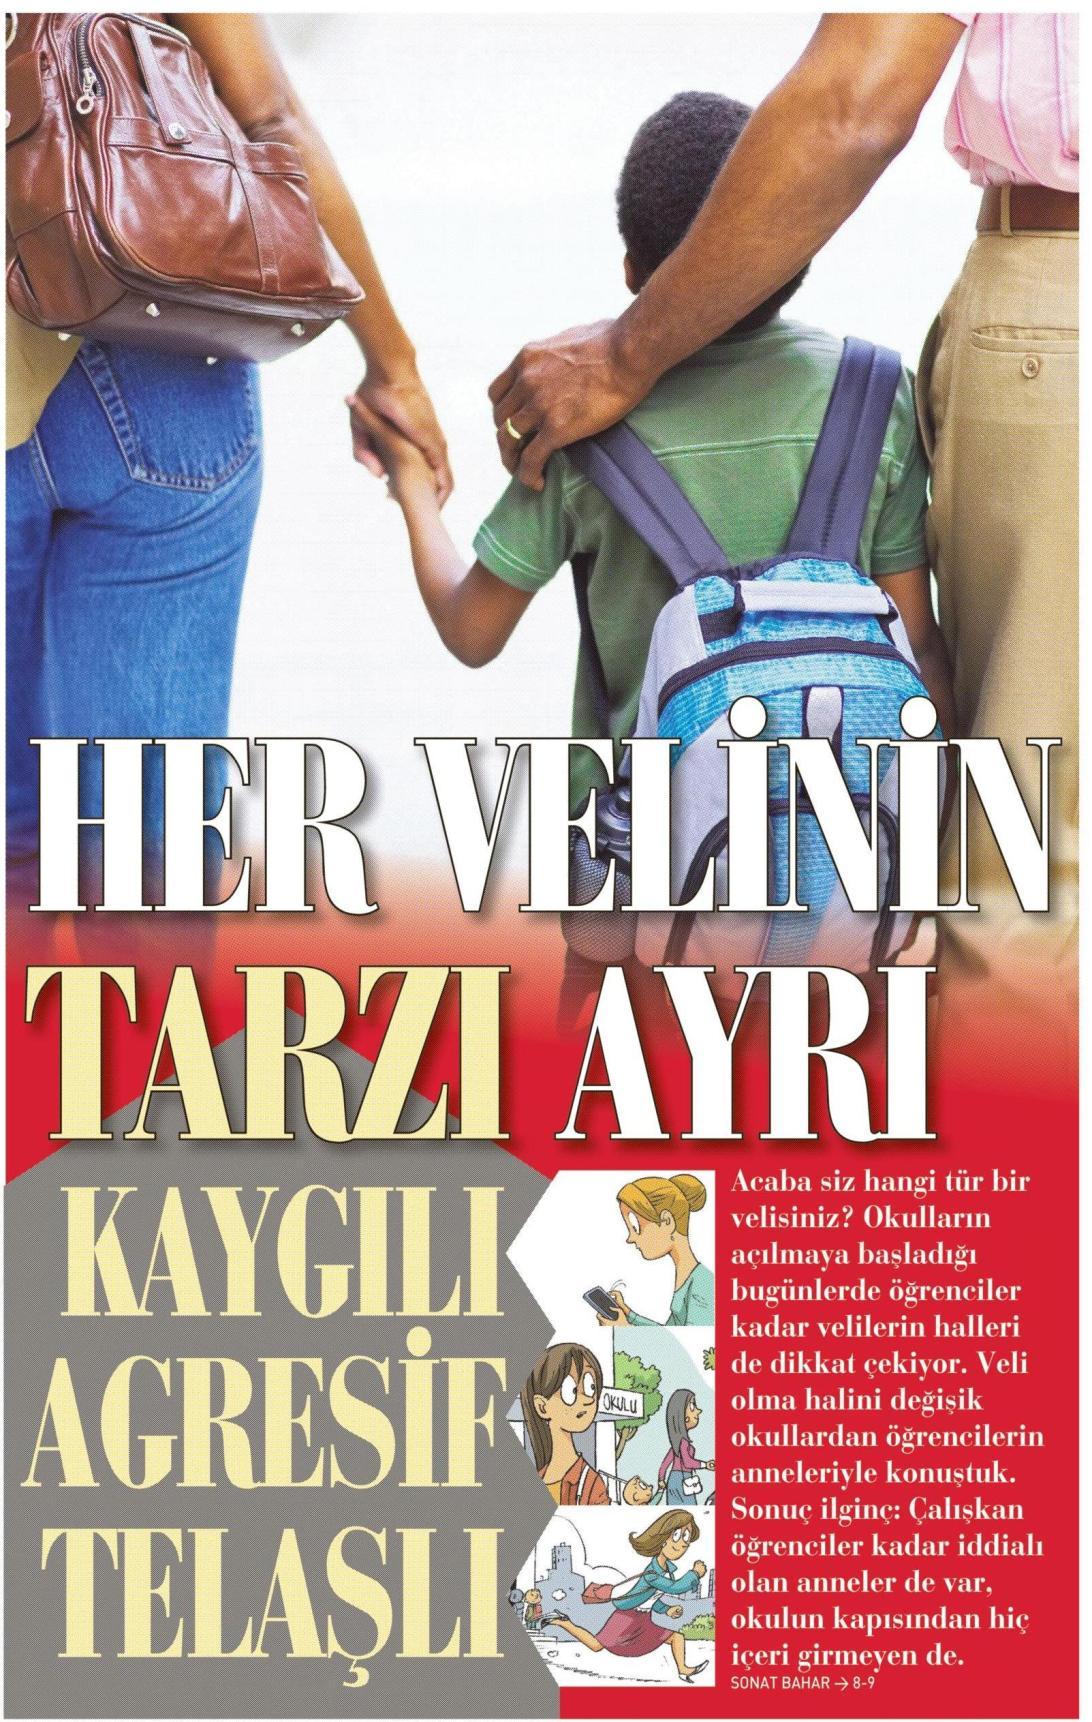 Her velinin tarzı ayrı - SABAH PAZAR 7.9.2014